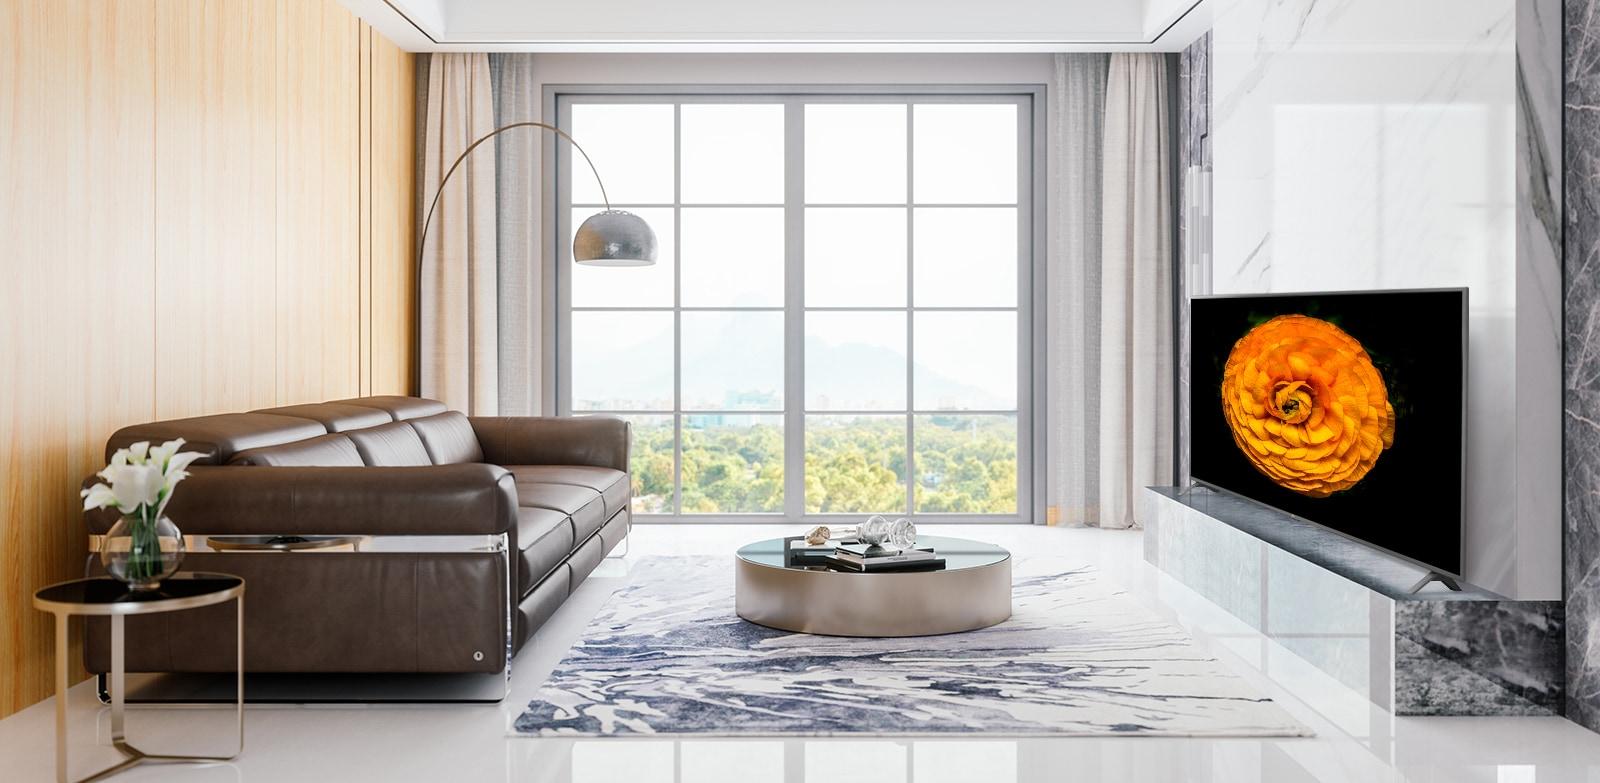 Televizor LG UHD umístěný na zdi obývacího pokoje sminimalistickým interiérovým vybavením. Na televizní obrazovce je obrázek květiny.